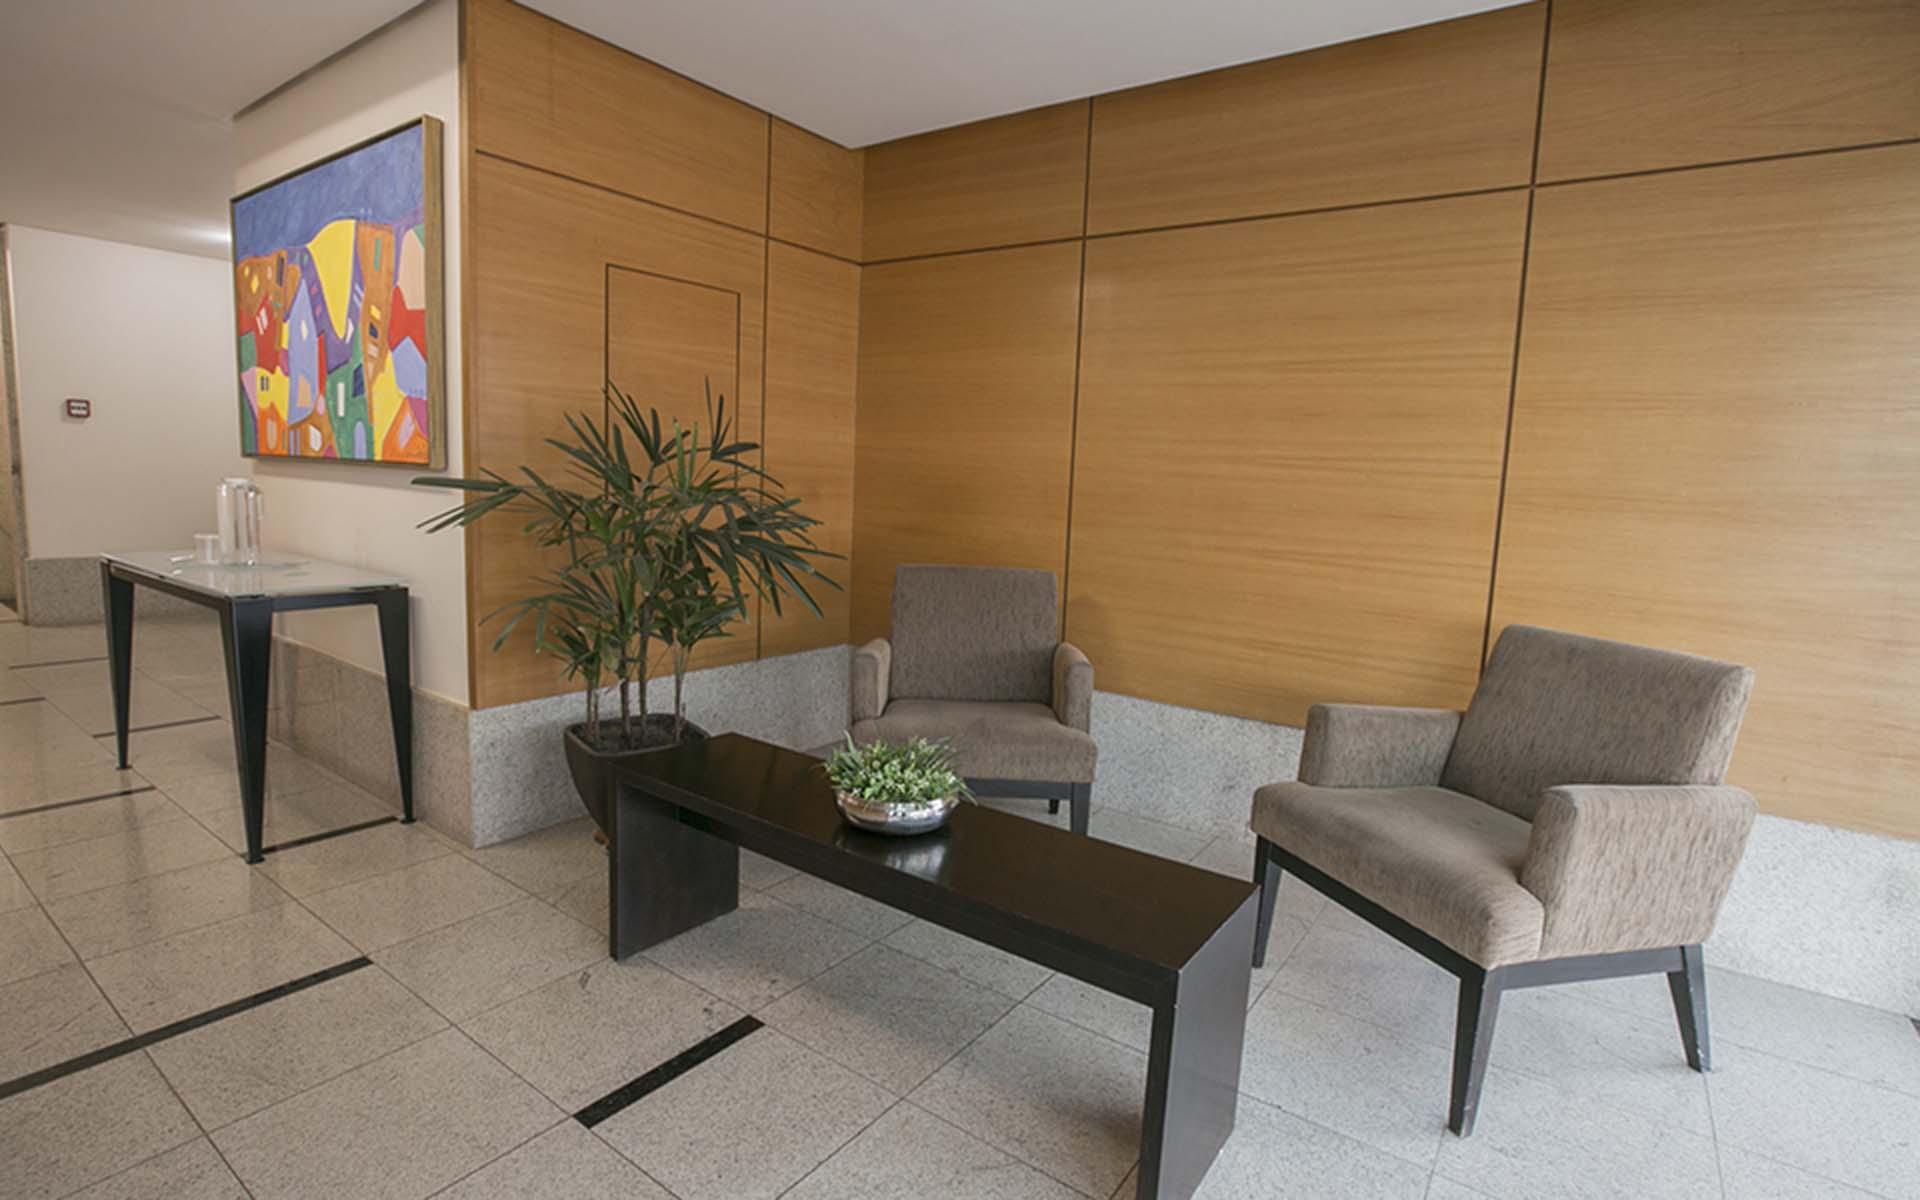 recepção do apart hotel flat em brasilia verona hplus long stay